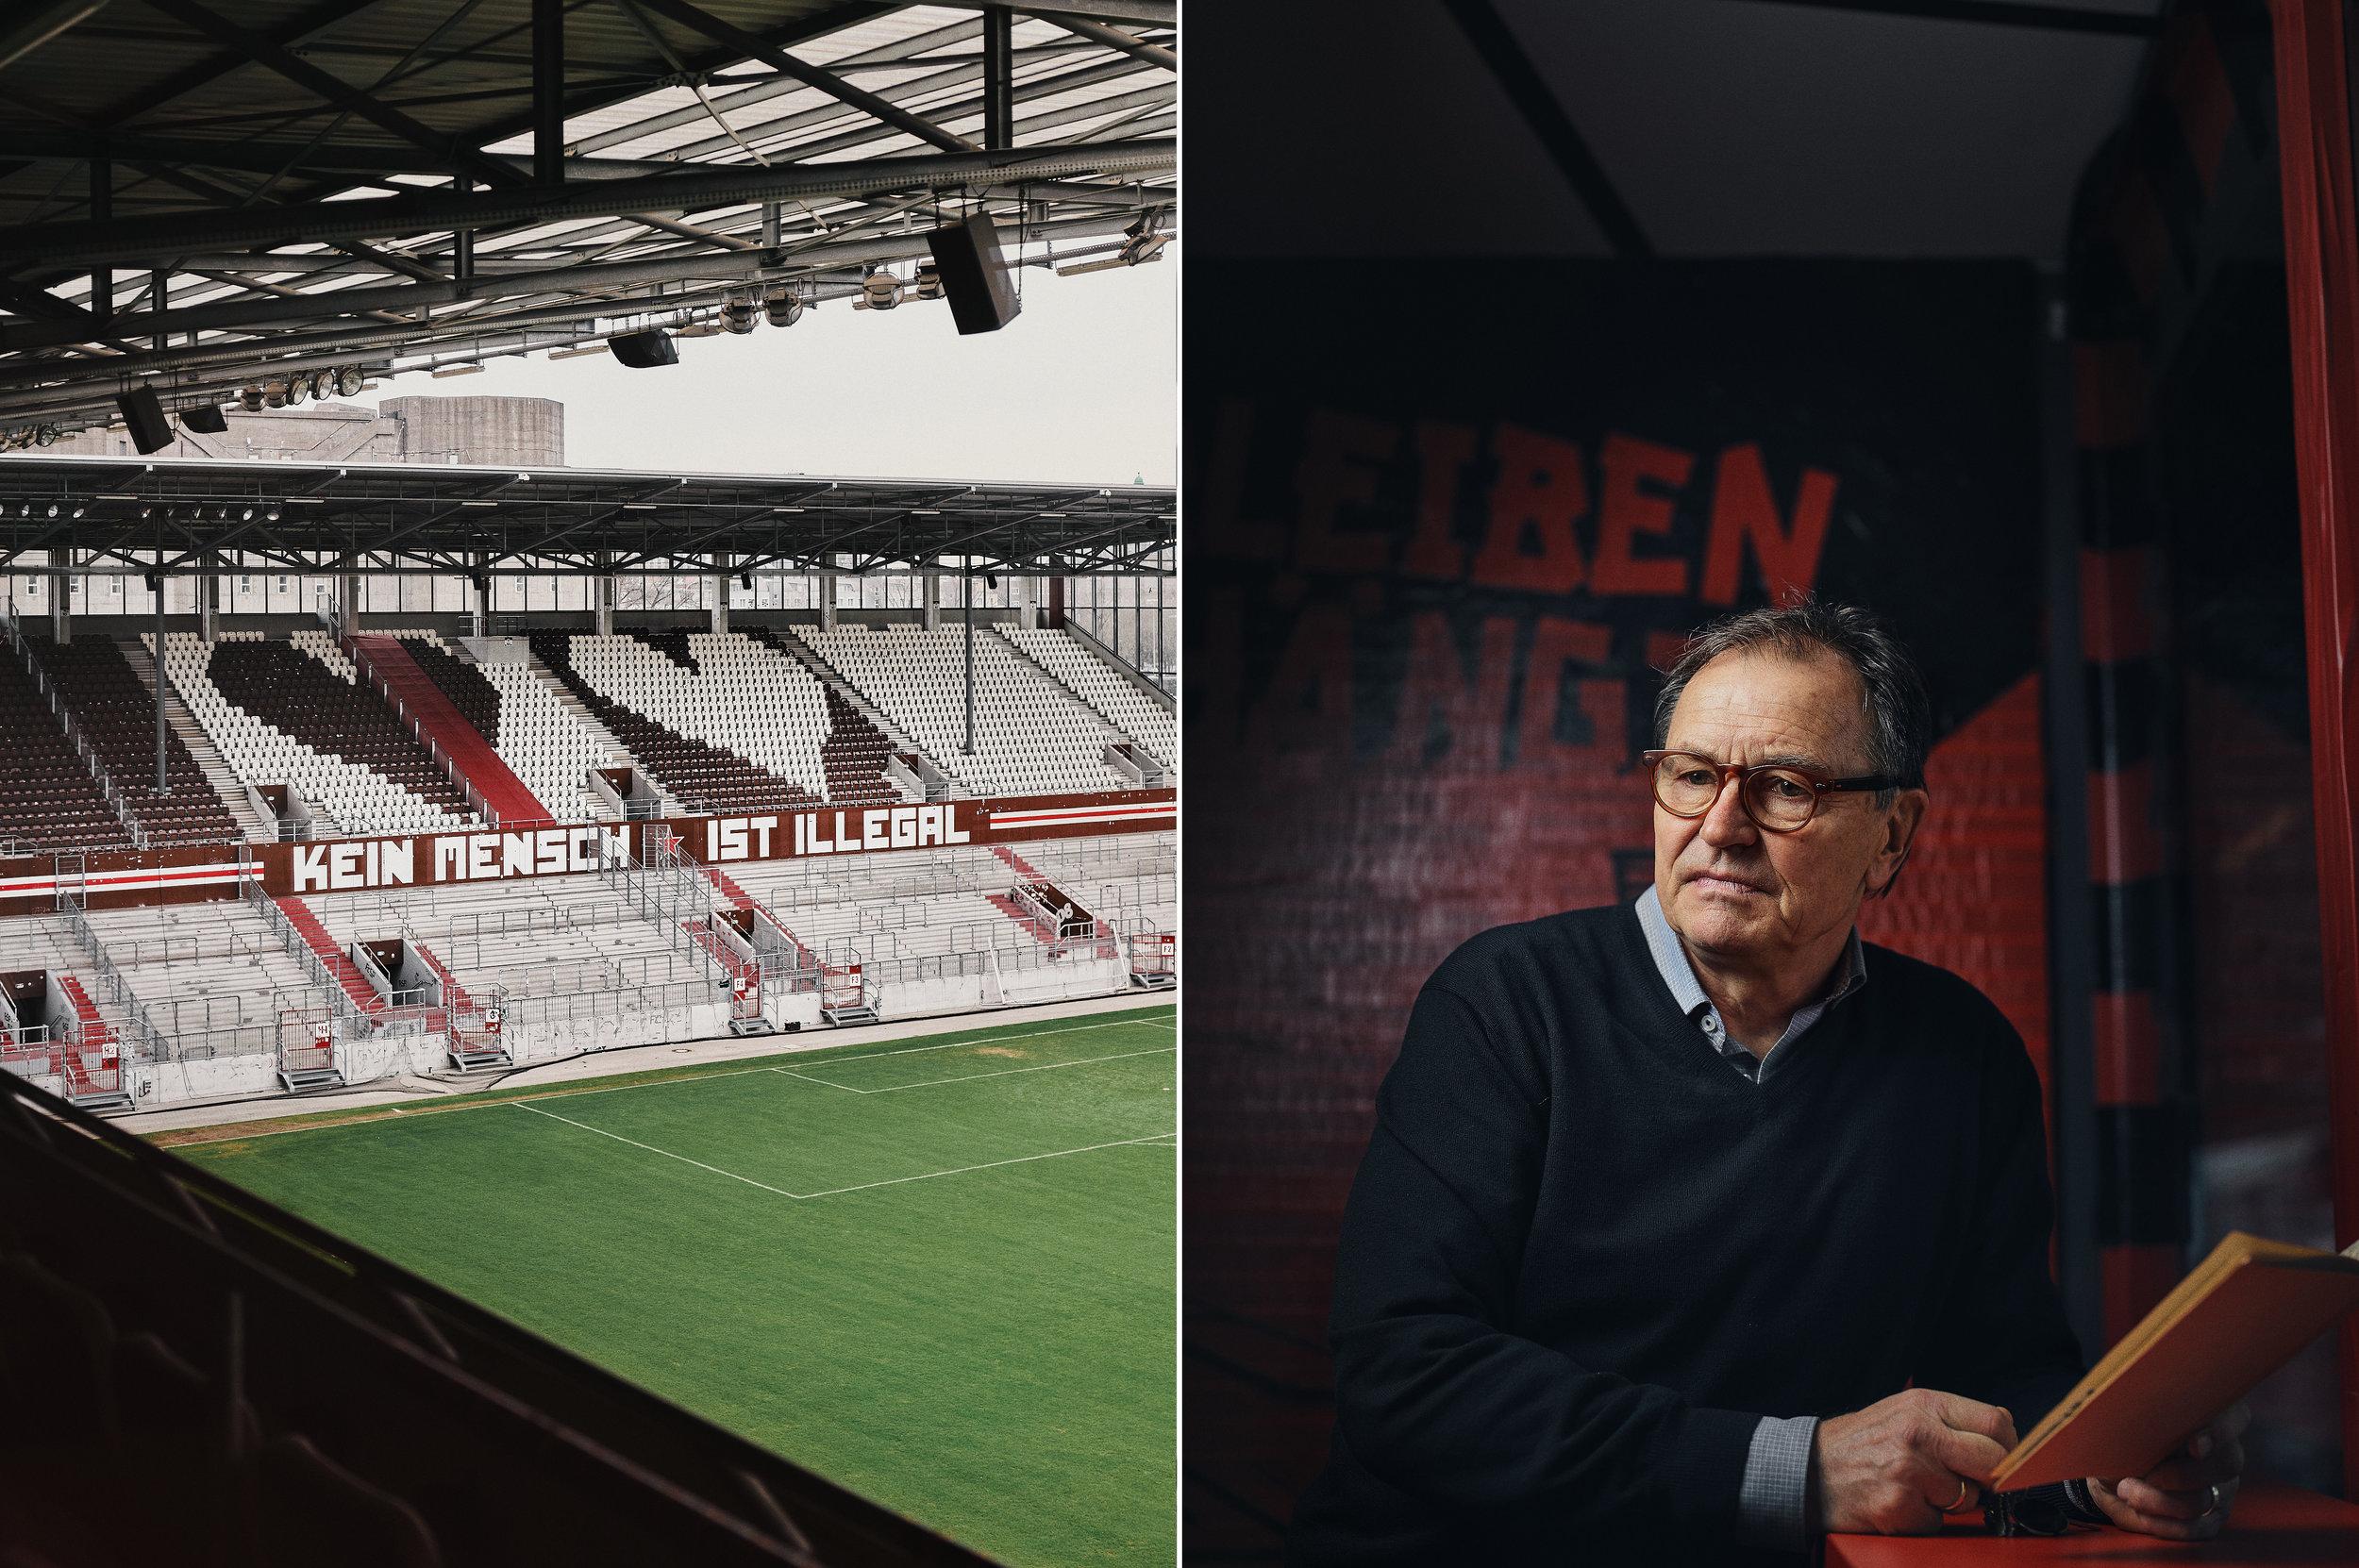 Portrait: Ewald Lienen, St. Pauli Fotografie: Patrick Pollmeier